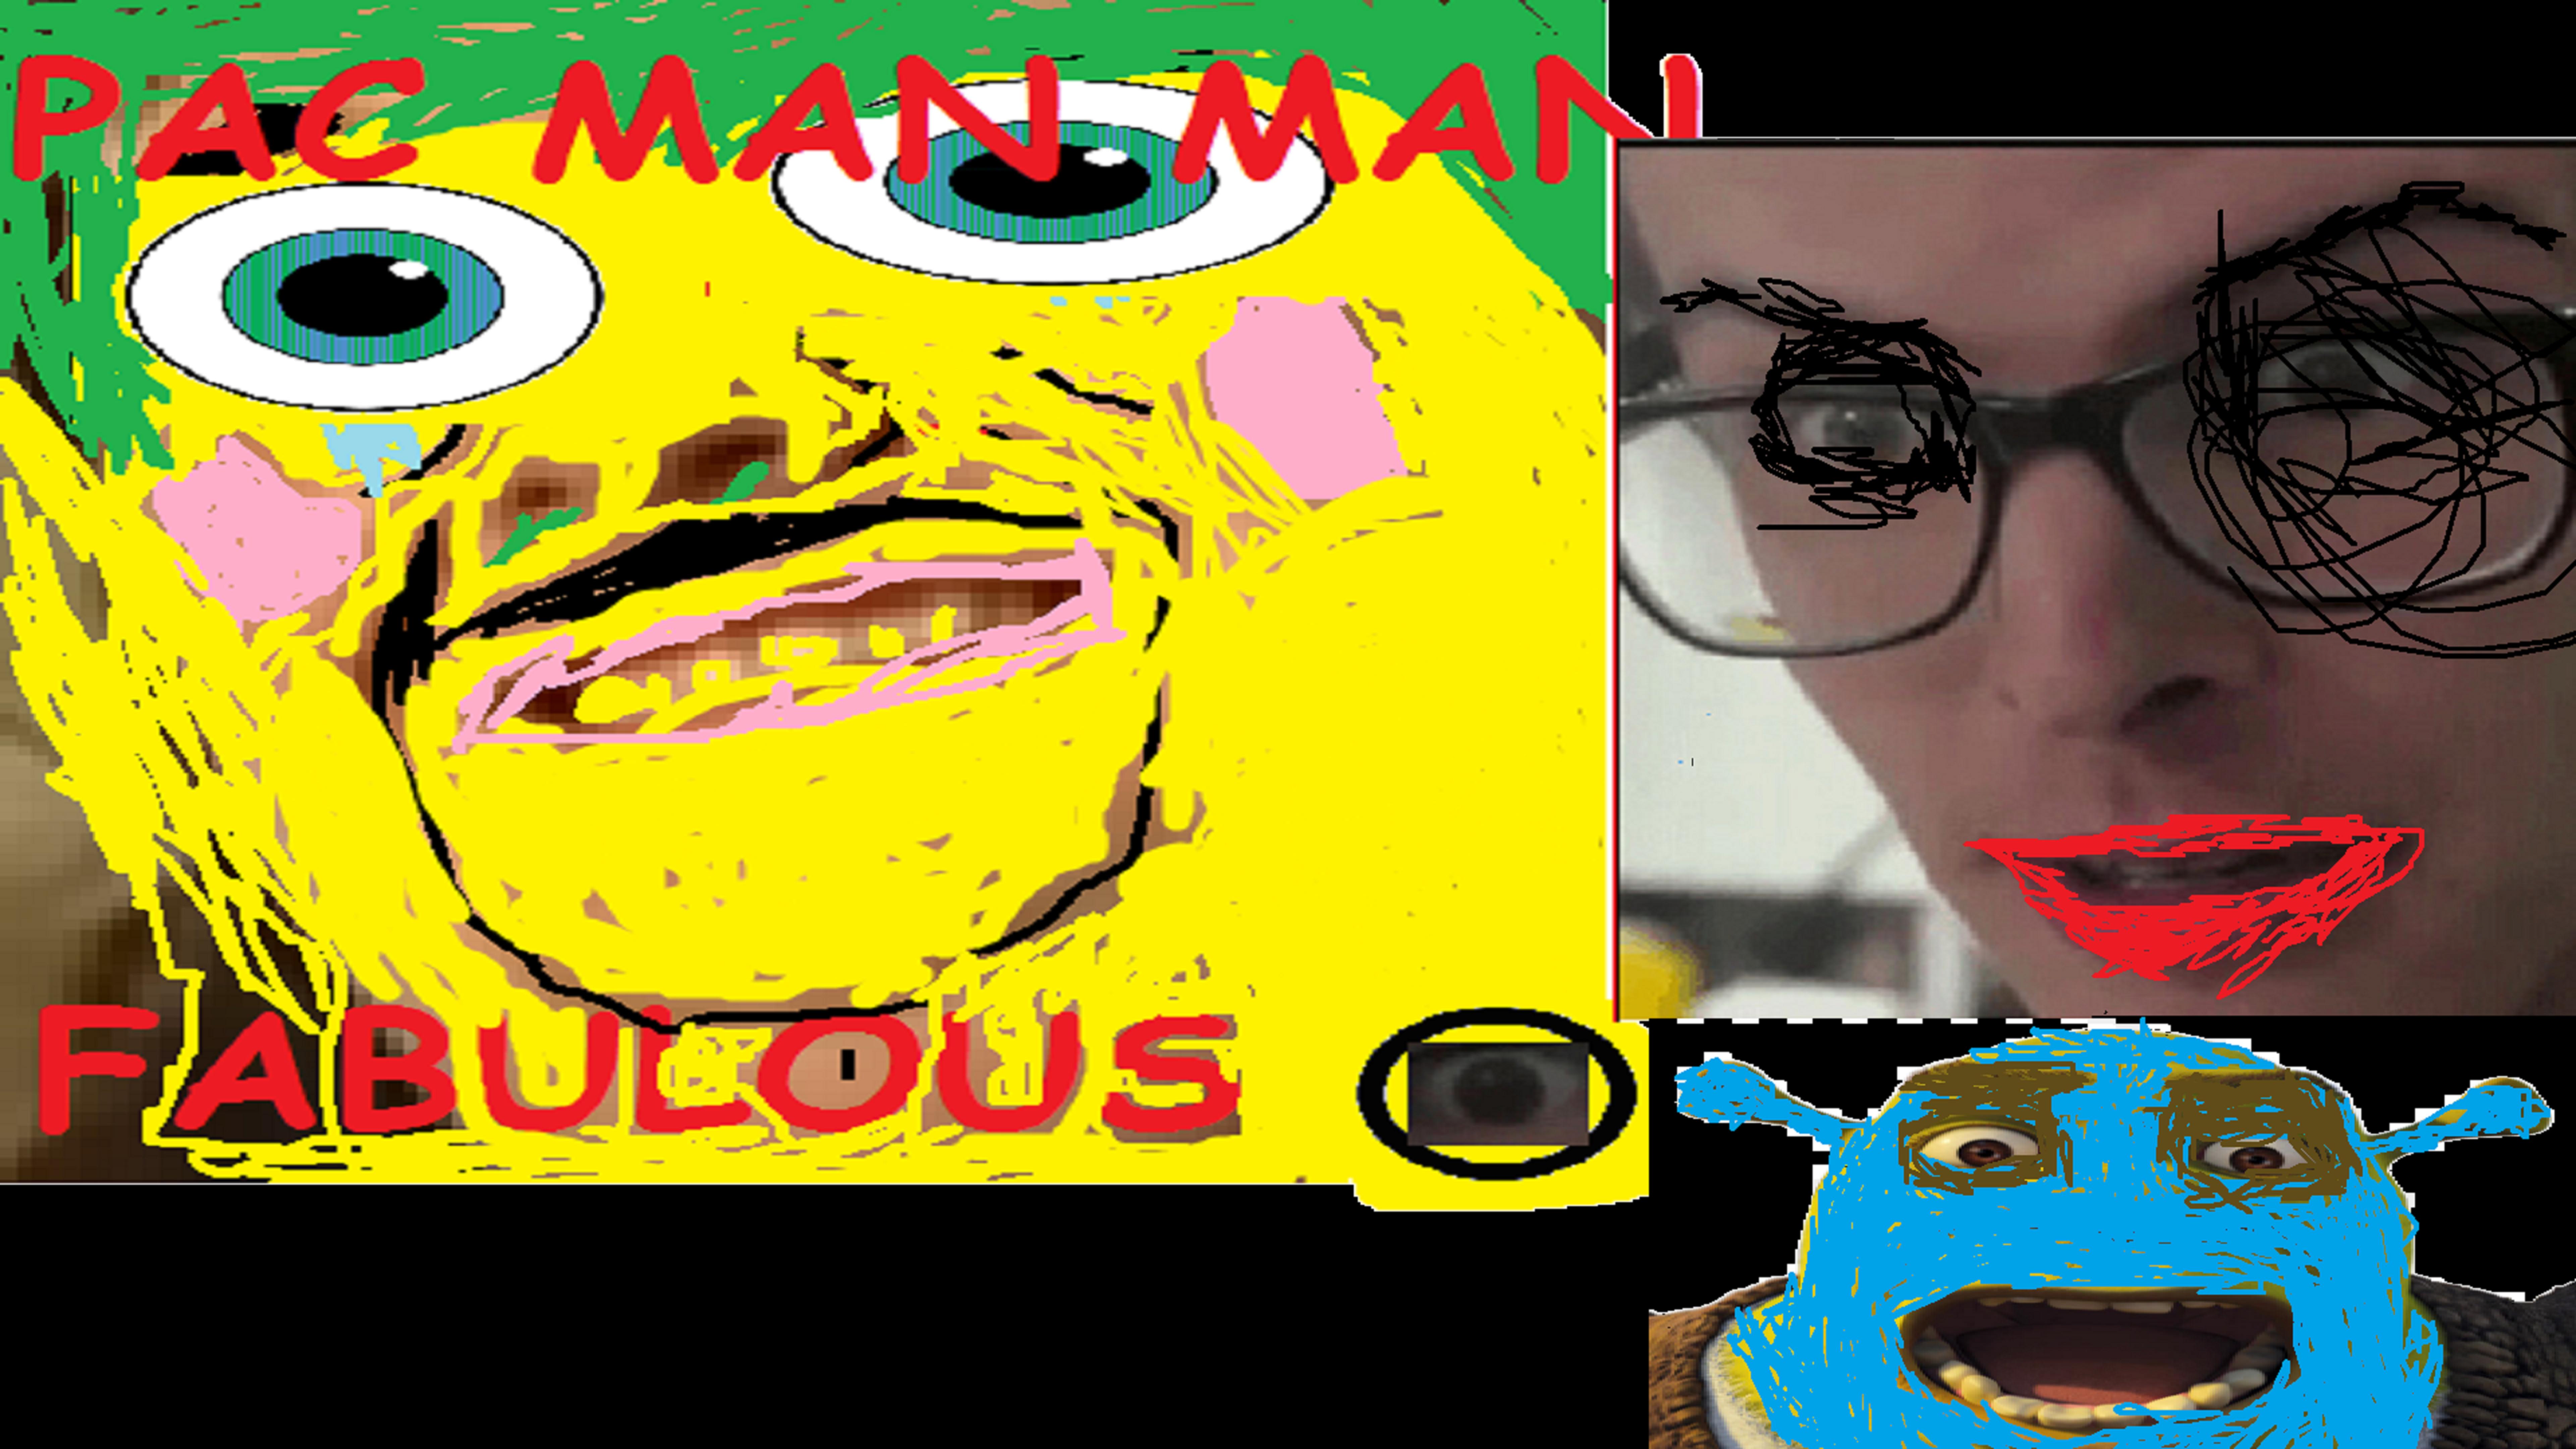 Dank Memer Feels Meme Frog Meme Discord Emotes